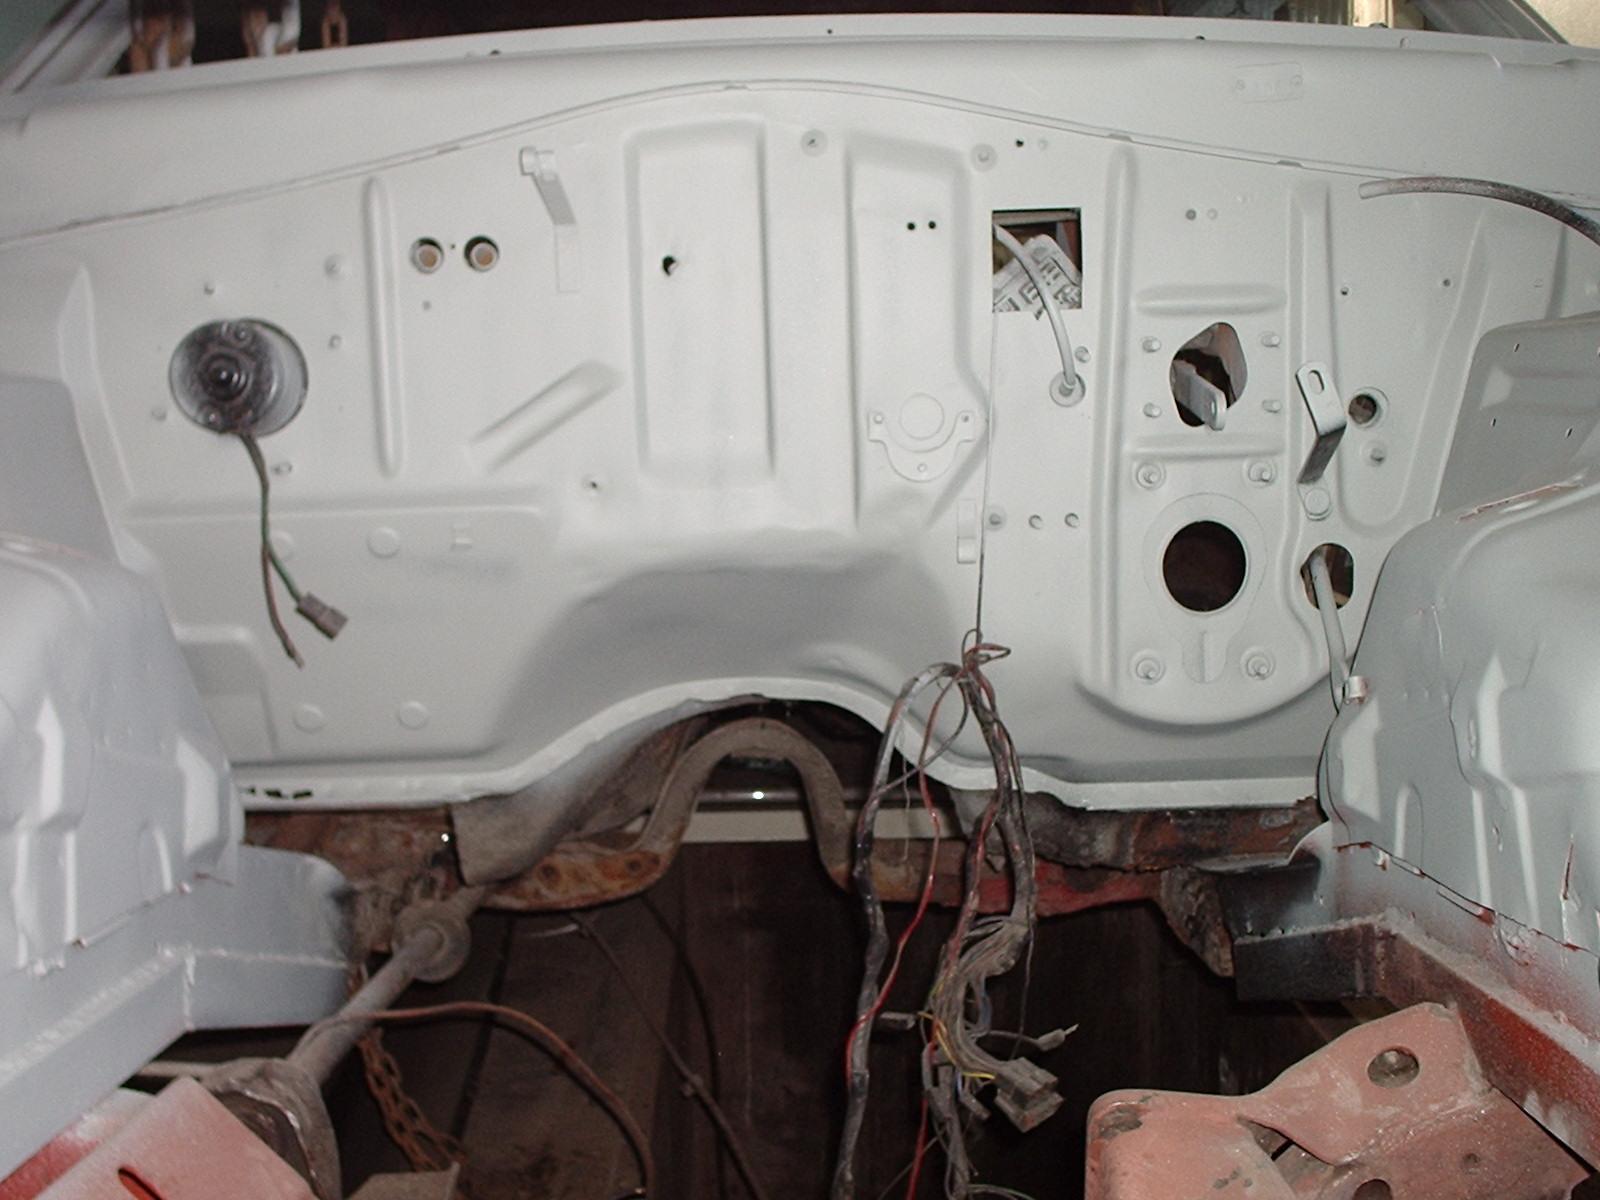 246444196_Compartimientomotor2_122_40lo.JPG